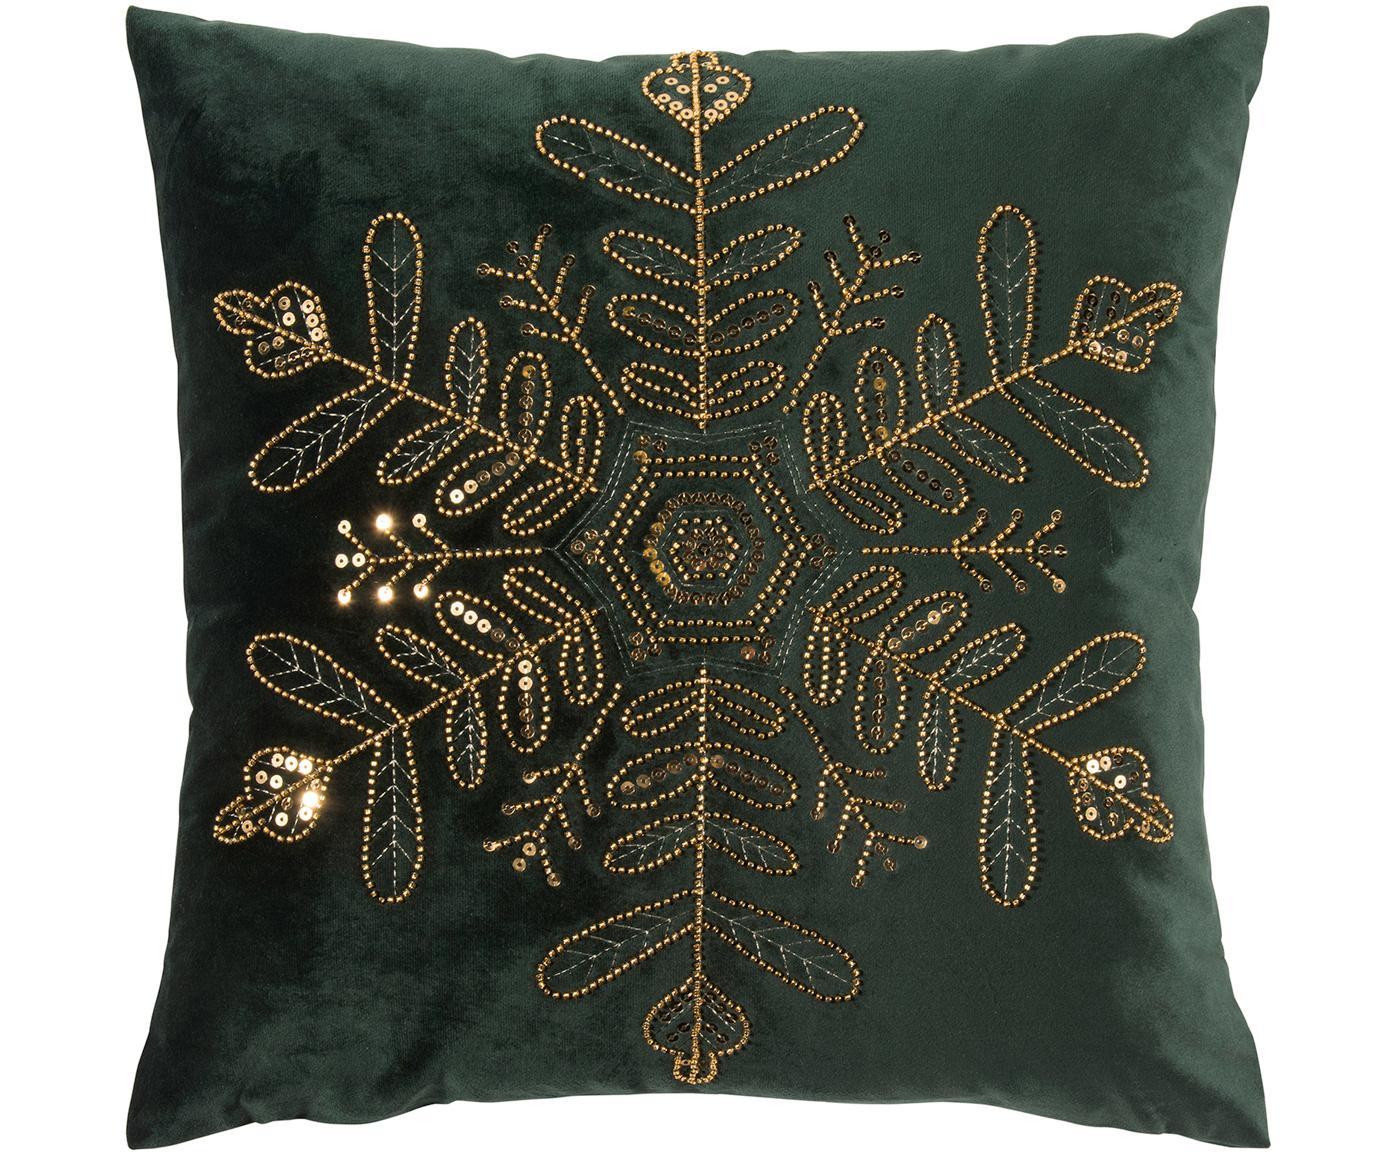 Fluwelen kussenhoes Sparkle, Polyester fluweel, Donkergroen, goudkleurig, 45 x 45 cm